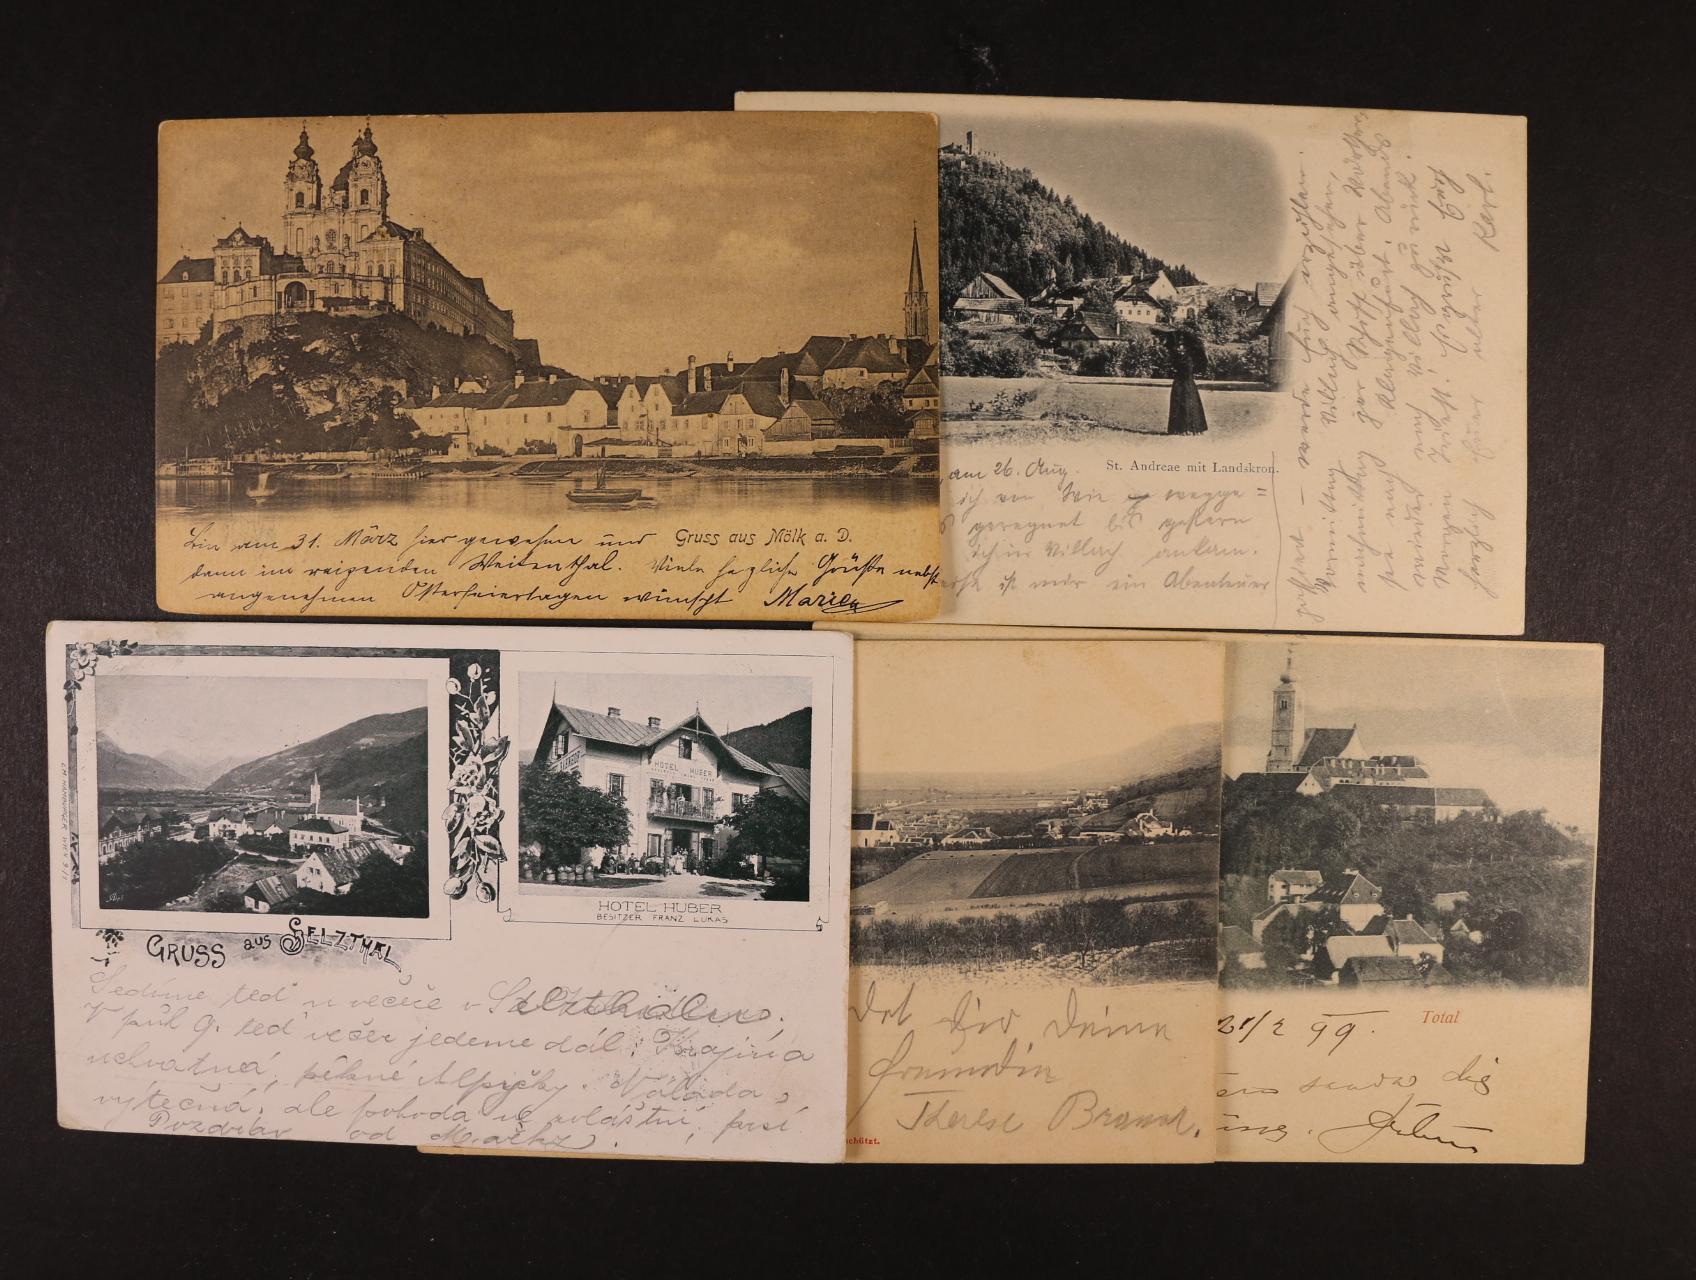 sestava 5 ks jednobar. pohlednic - Selzthal, Königstetten, Straden, Mölk a. D, Villach, dl. adresy, použité 1899 - 1906